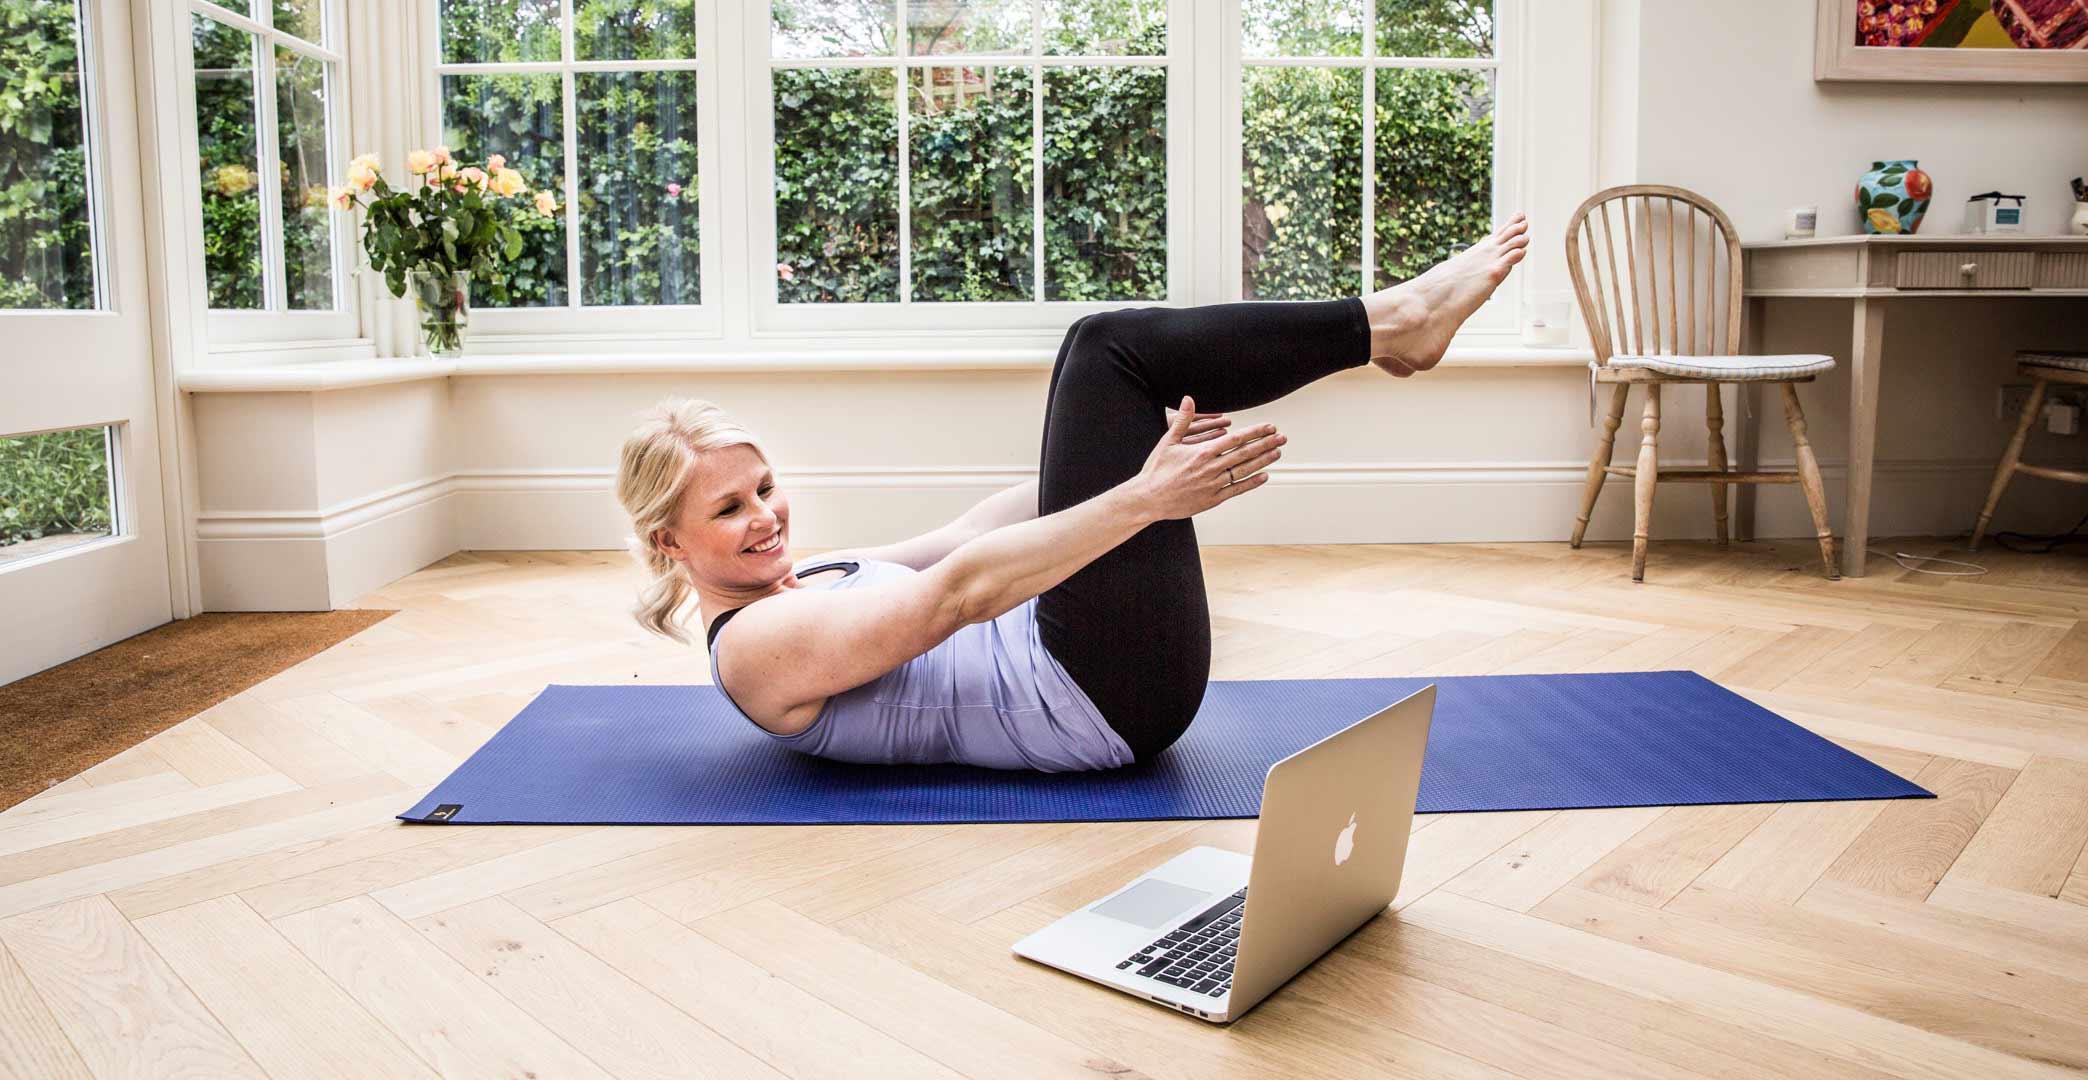 4 điều cần lưu ý cho các bạn nữ khi tập yoga tại nhà để mang lại chất lượng tốt